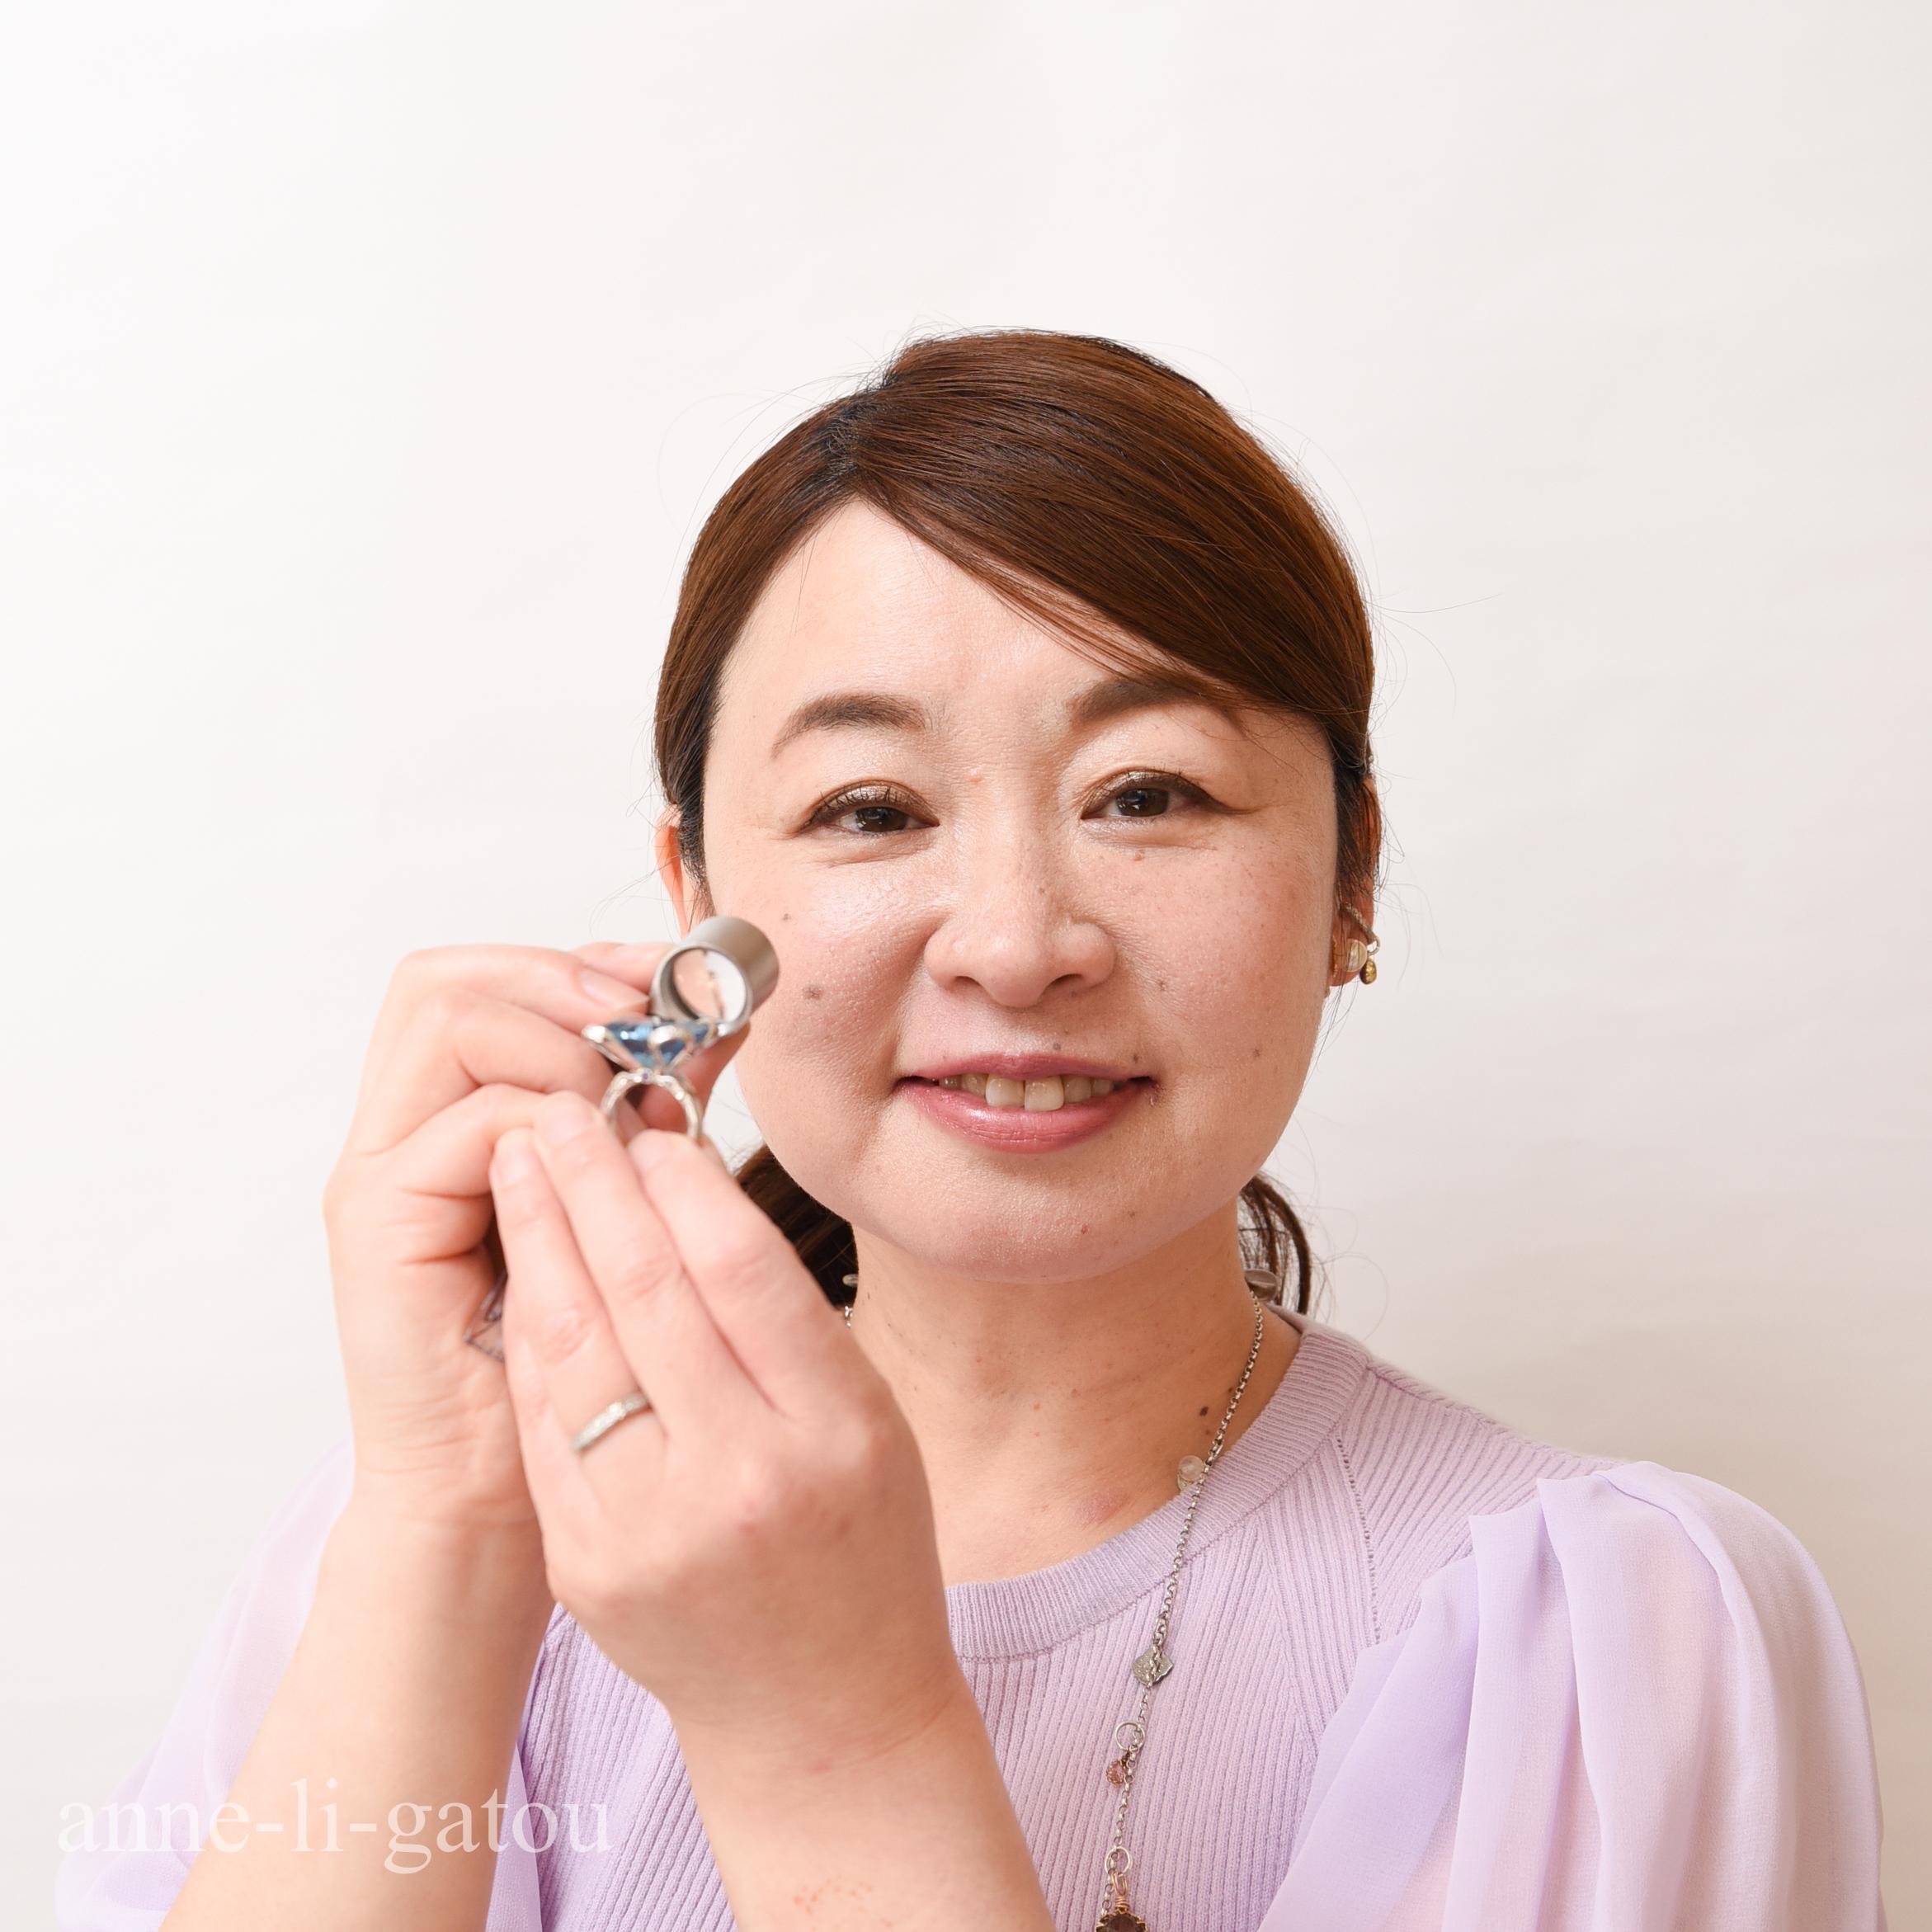 田中オリエプロフィール